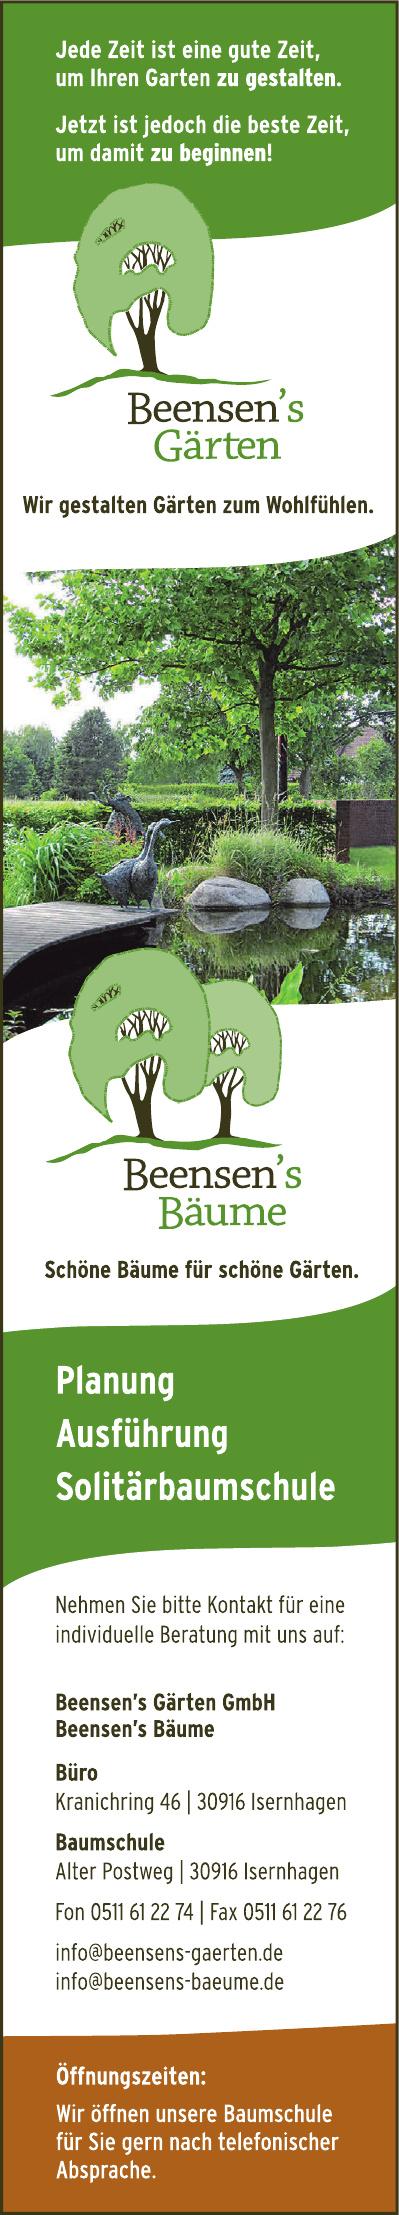 Beensen's Gärten GmbH